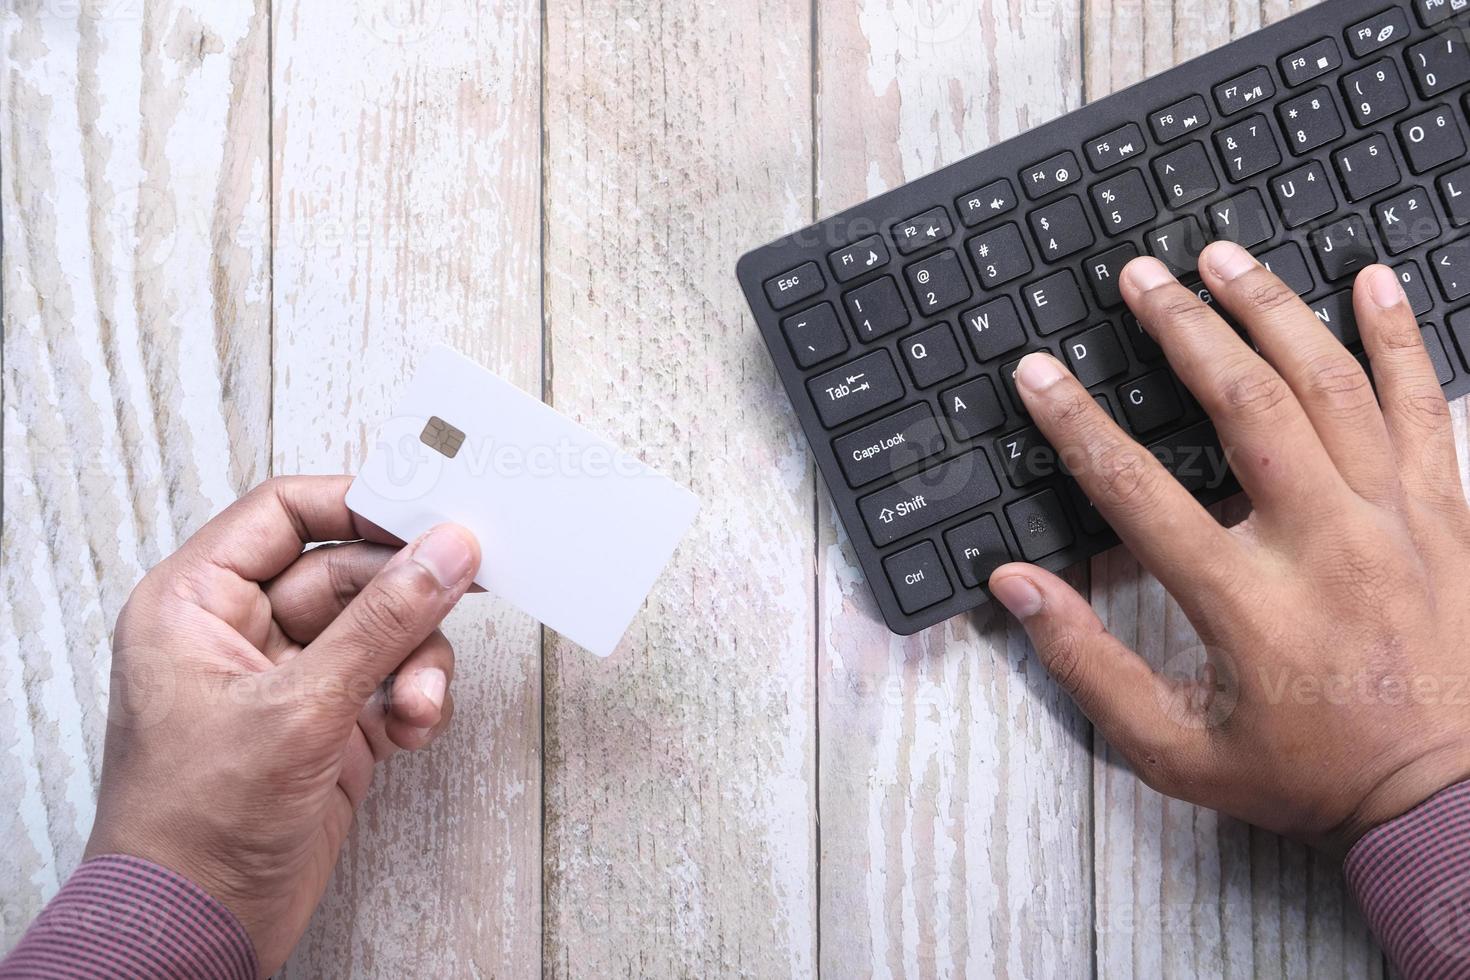 homme utilisant une carte de crédit pour acheter quelque chose en ligne photo